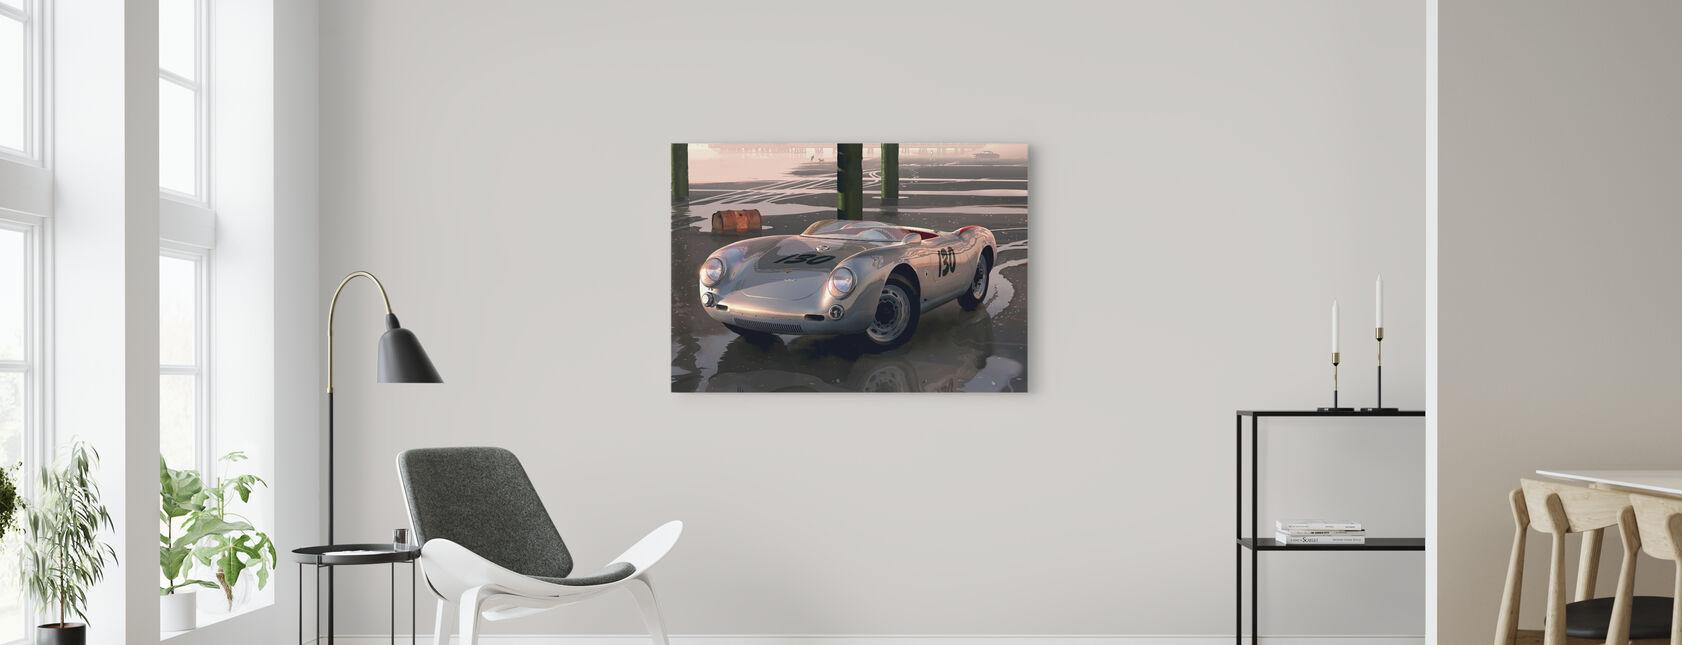 Jimmys bil - Billede på lærred - Stue